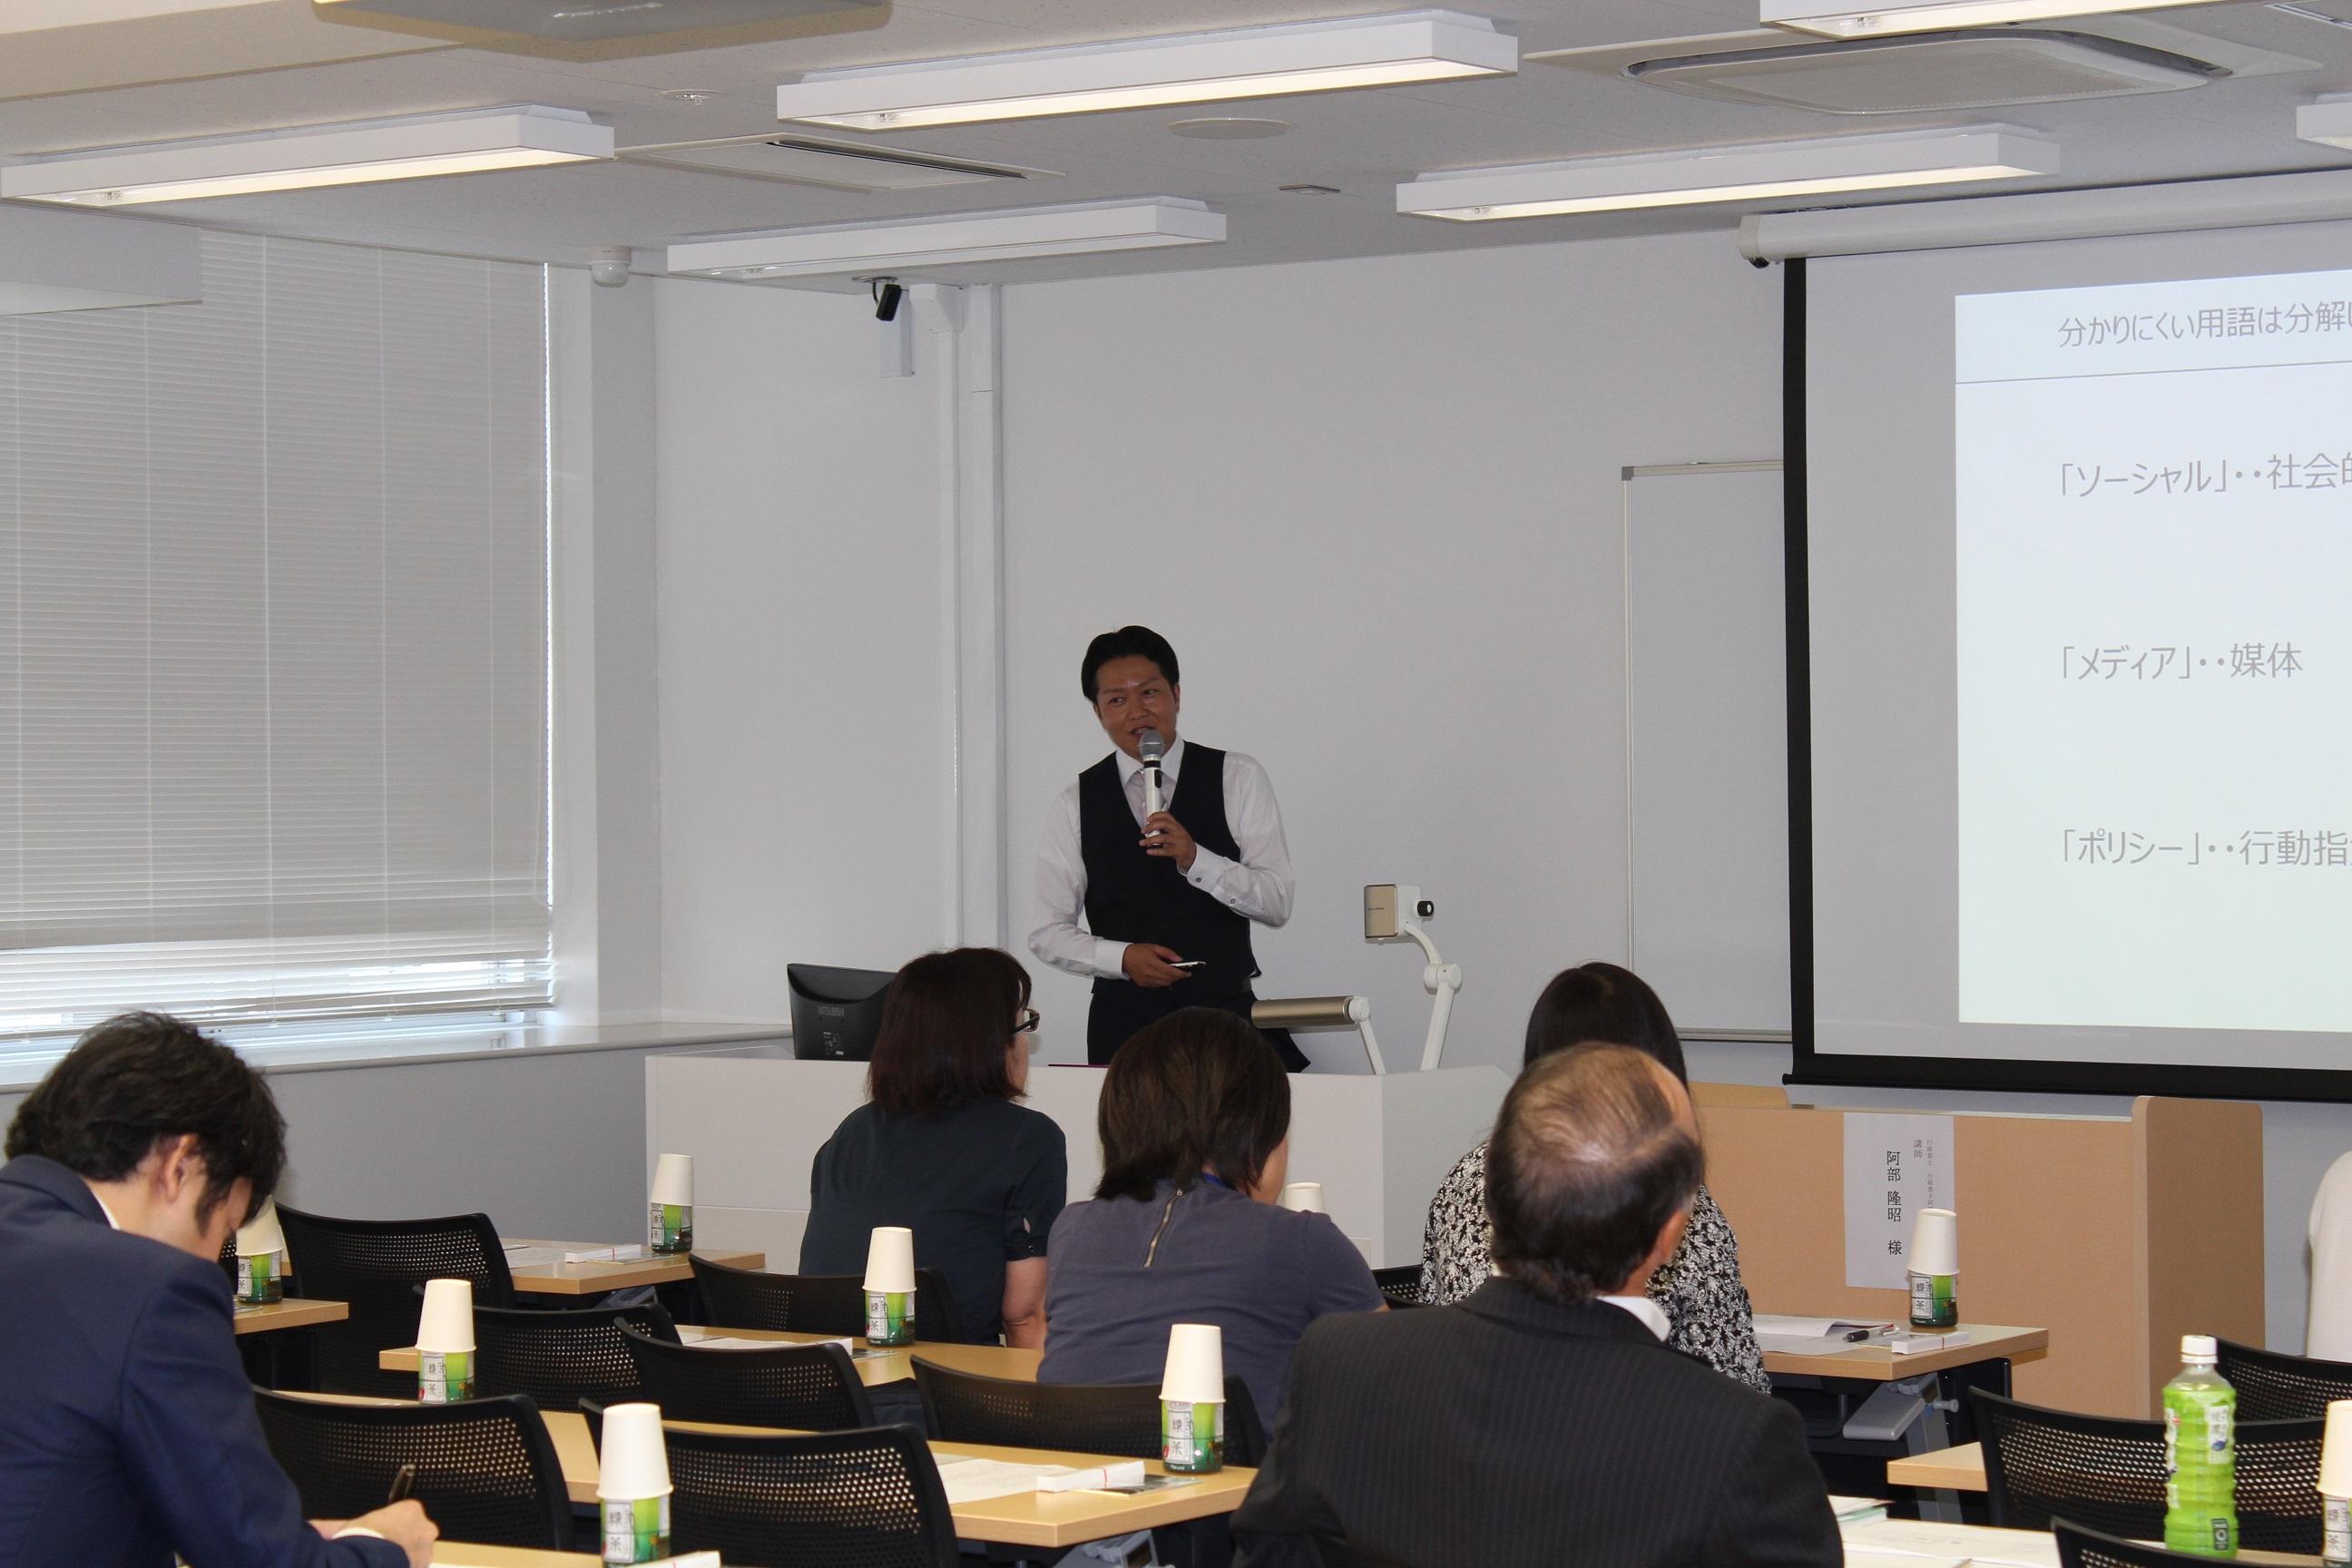 東京電機大学創業支援施設で講師登壇したセミナーの模様が公開されています|行政書士阿部総合事務所